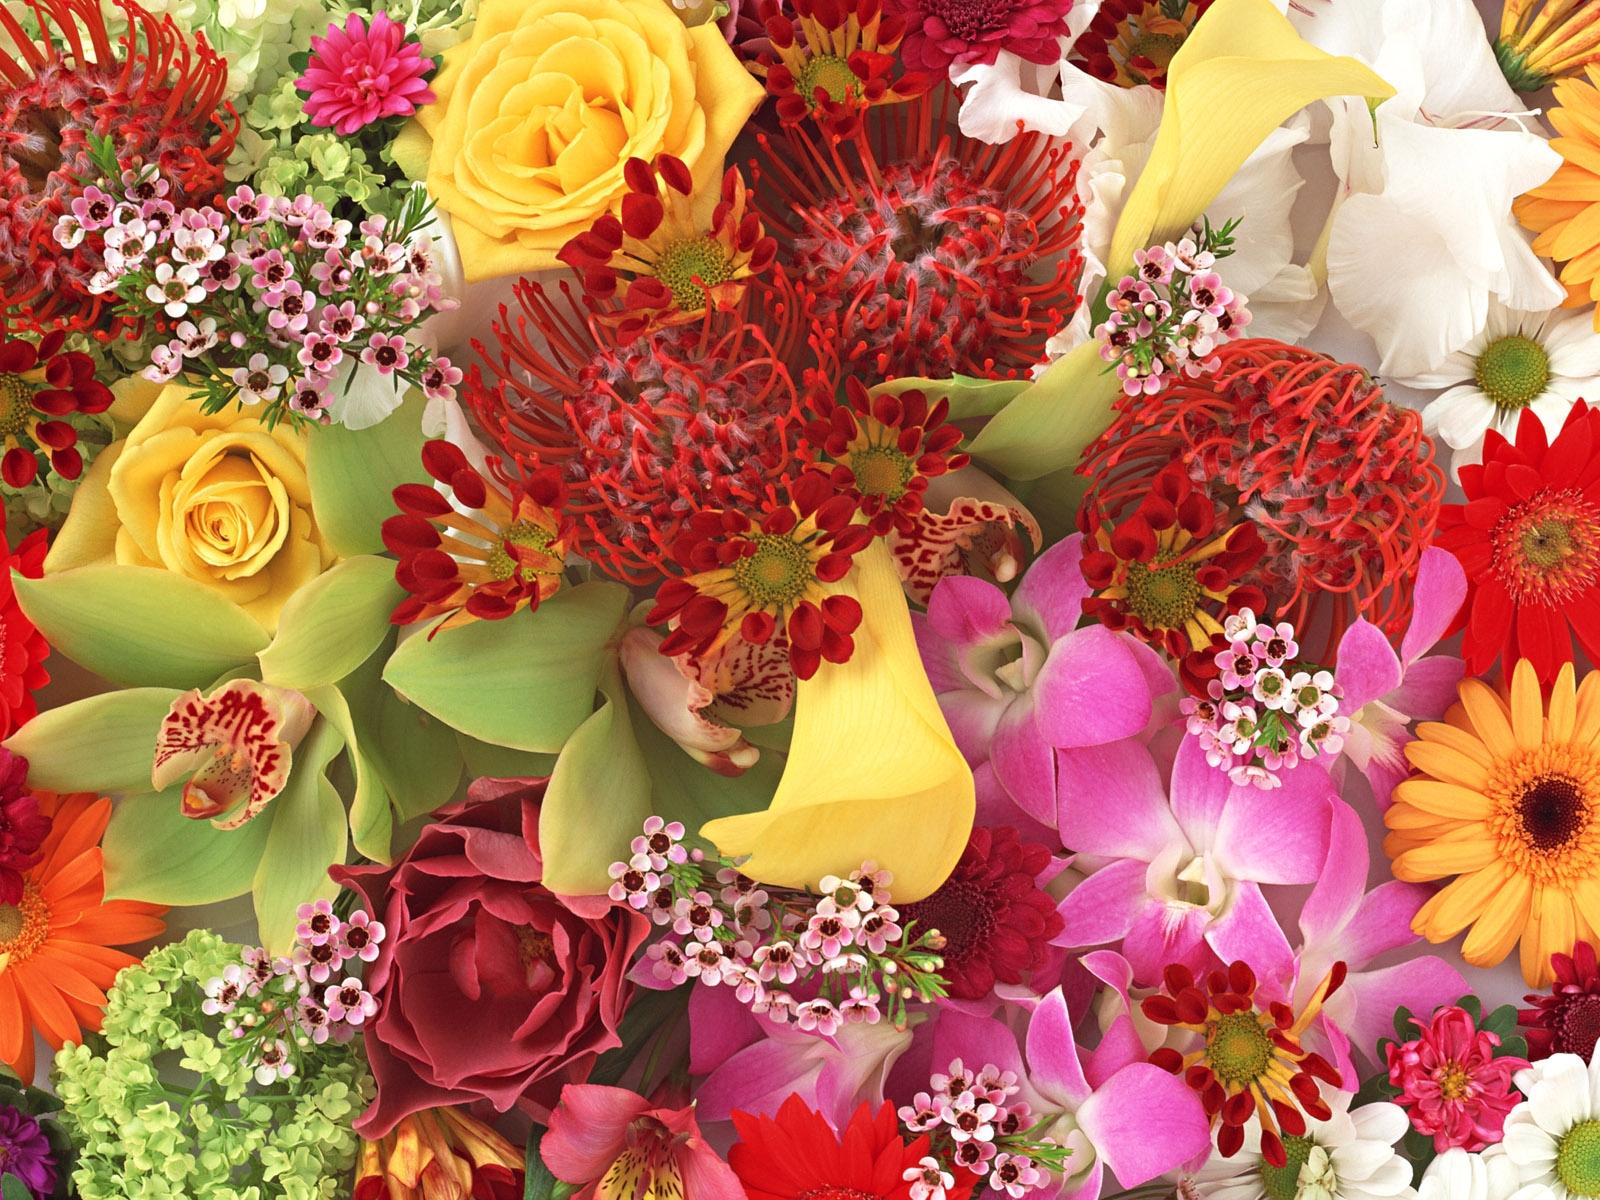 Картинки больших и красивых букетов цветов